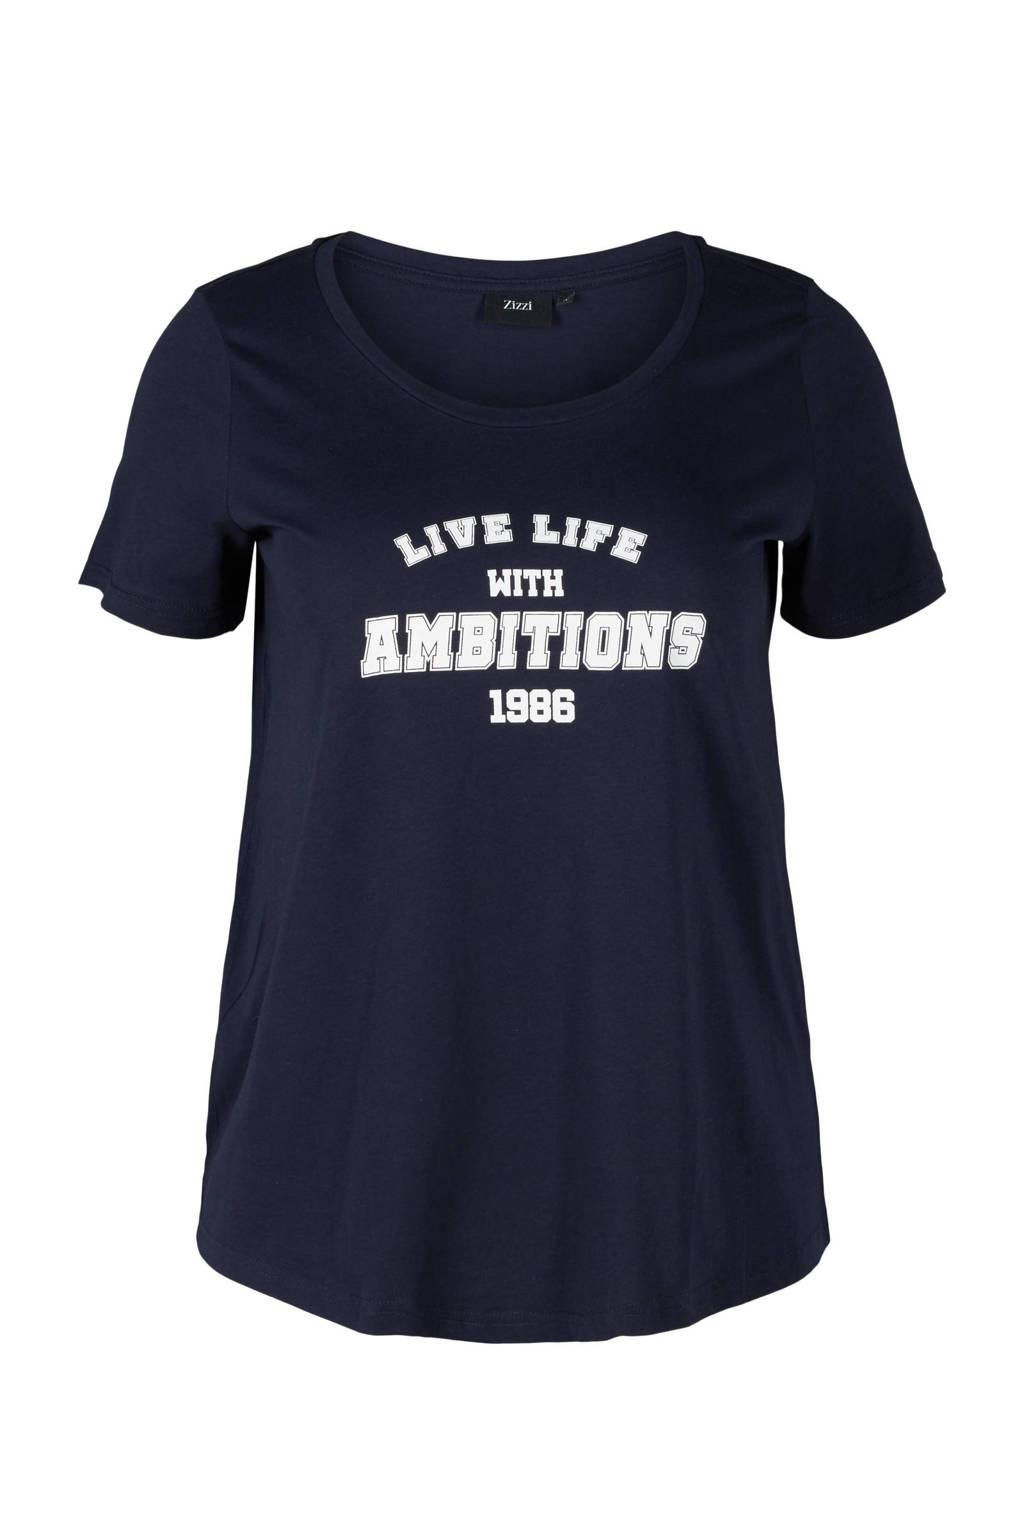 Zizzi T-shirt van biologisch katoen donkerblauw/wit, Donkerblauw/wit